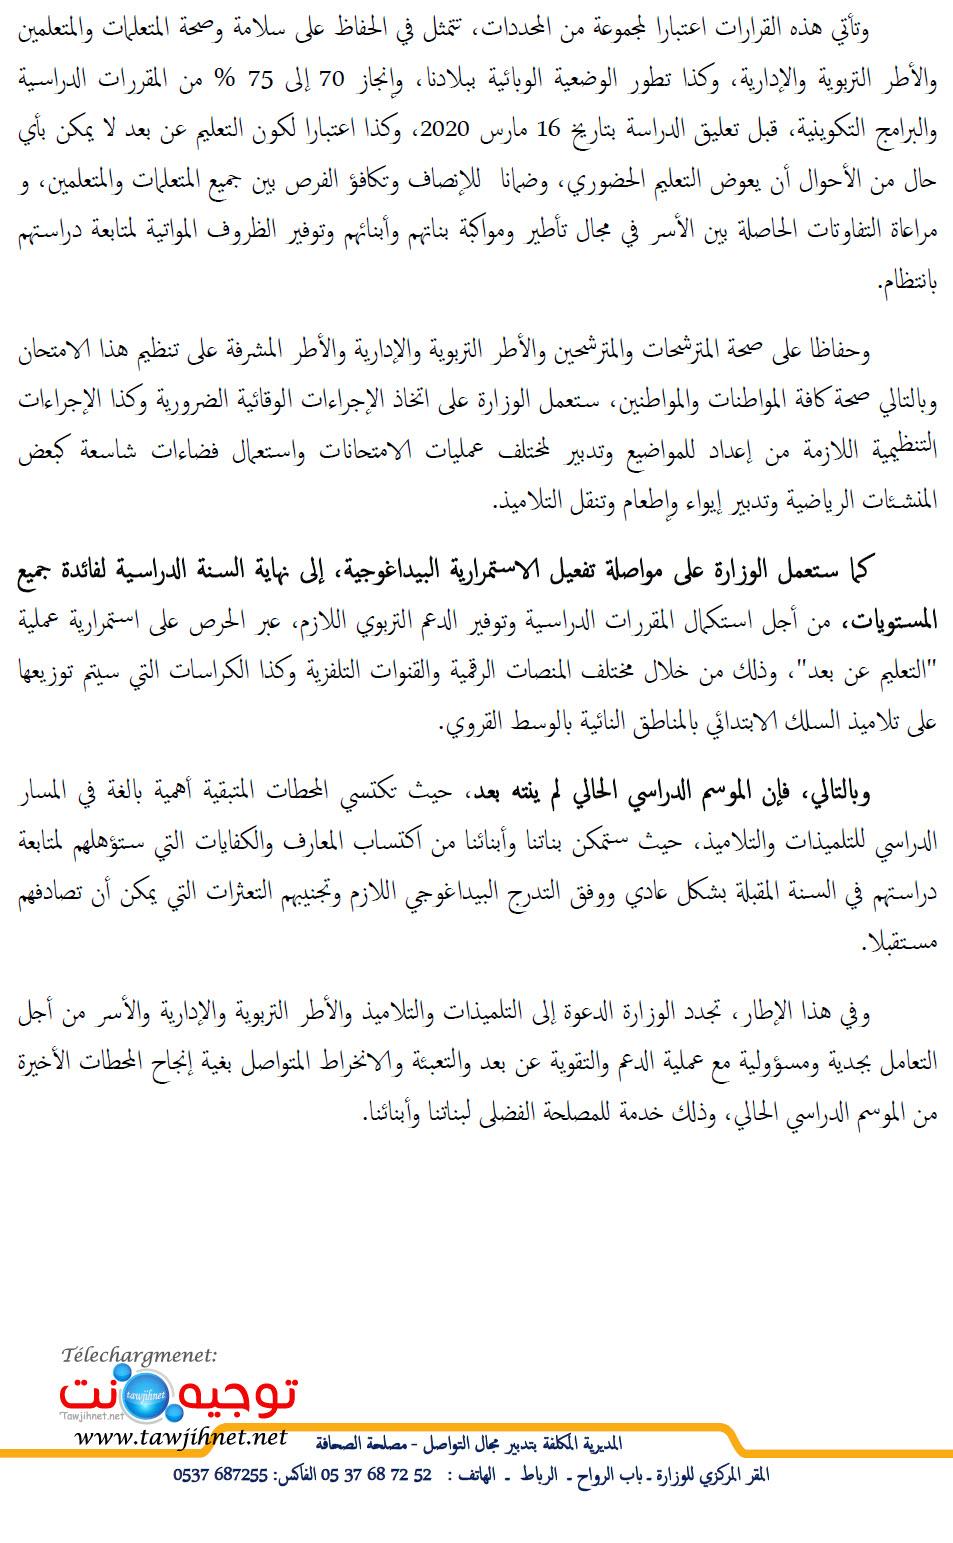 avis-12-05-2020_Page_2.jpg